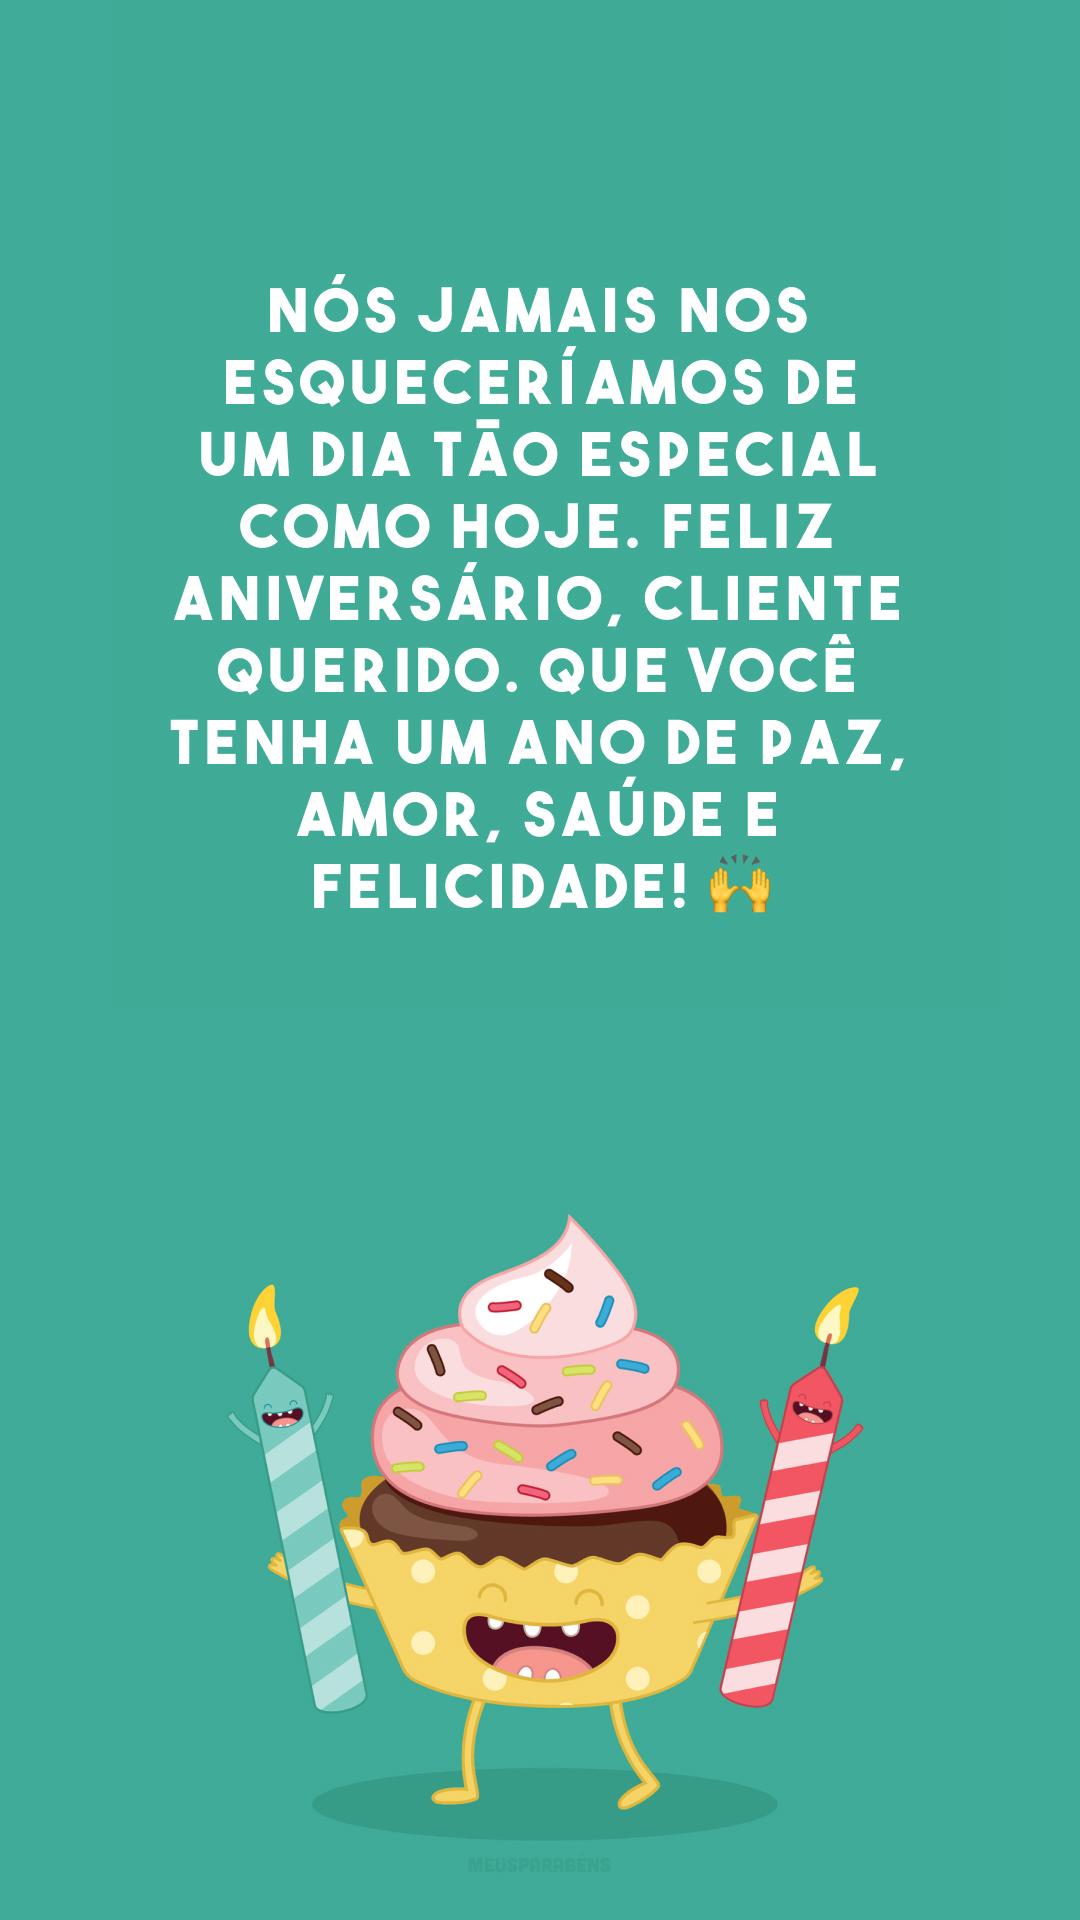 Nós jamais nos esqueceríamos de um dia tão especial como hoje. Feliz aniversário, cliente querido. Que você tenha um ano de paz, amor, saúde e felicidade! 🙌